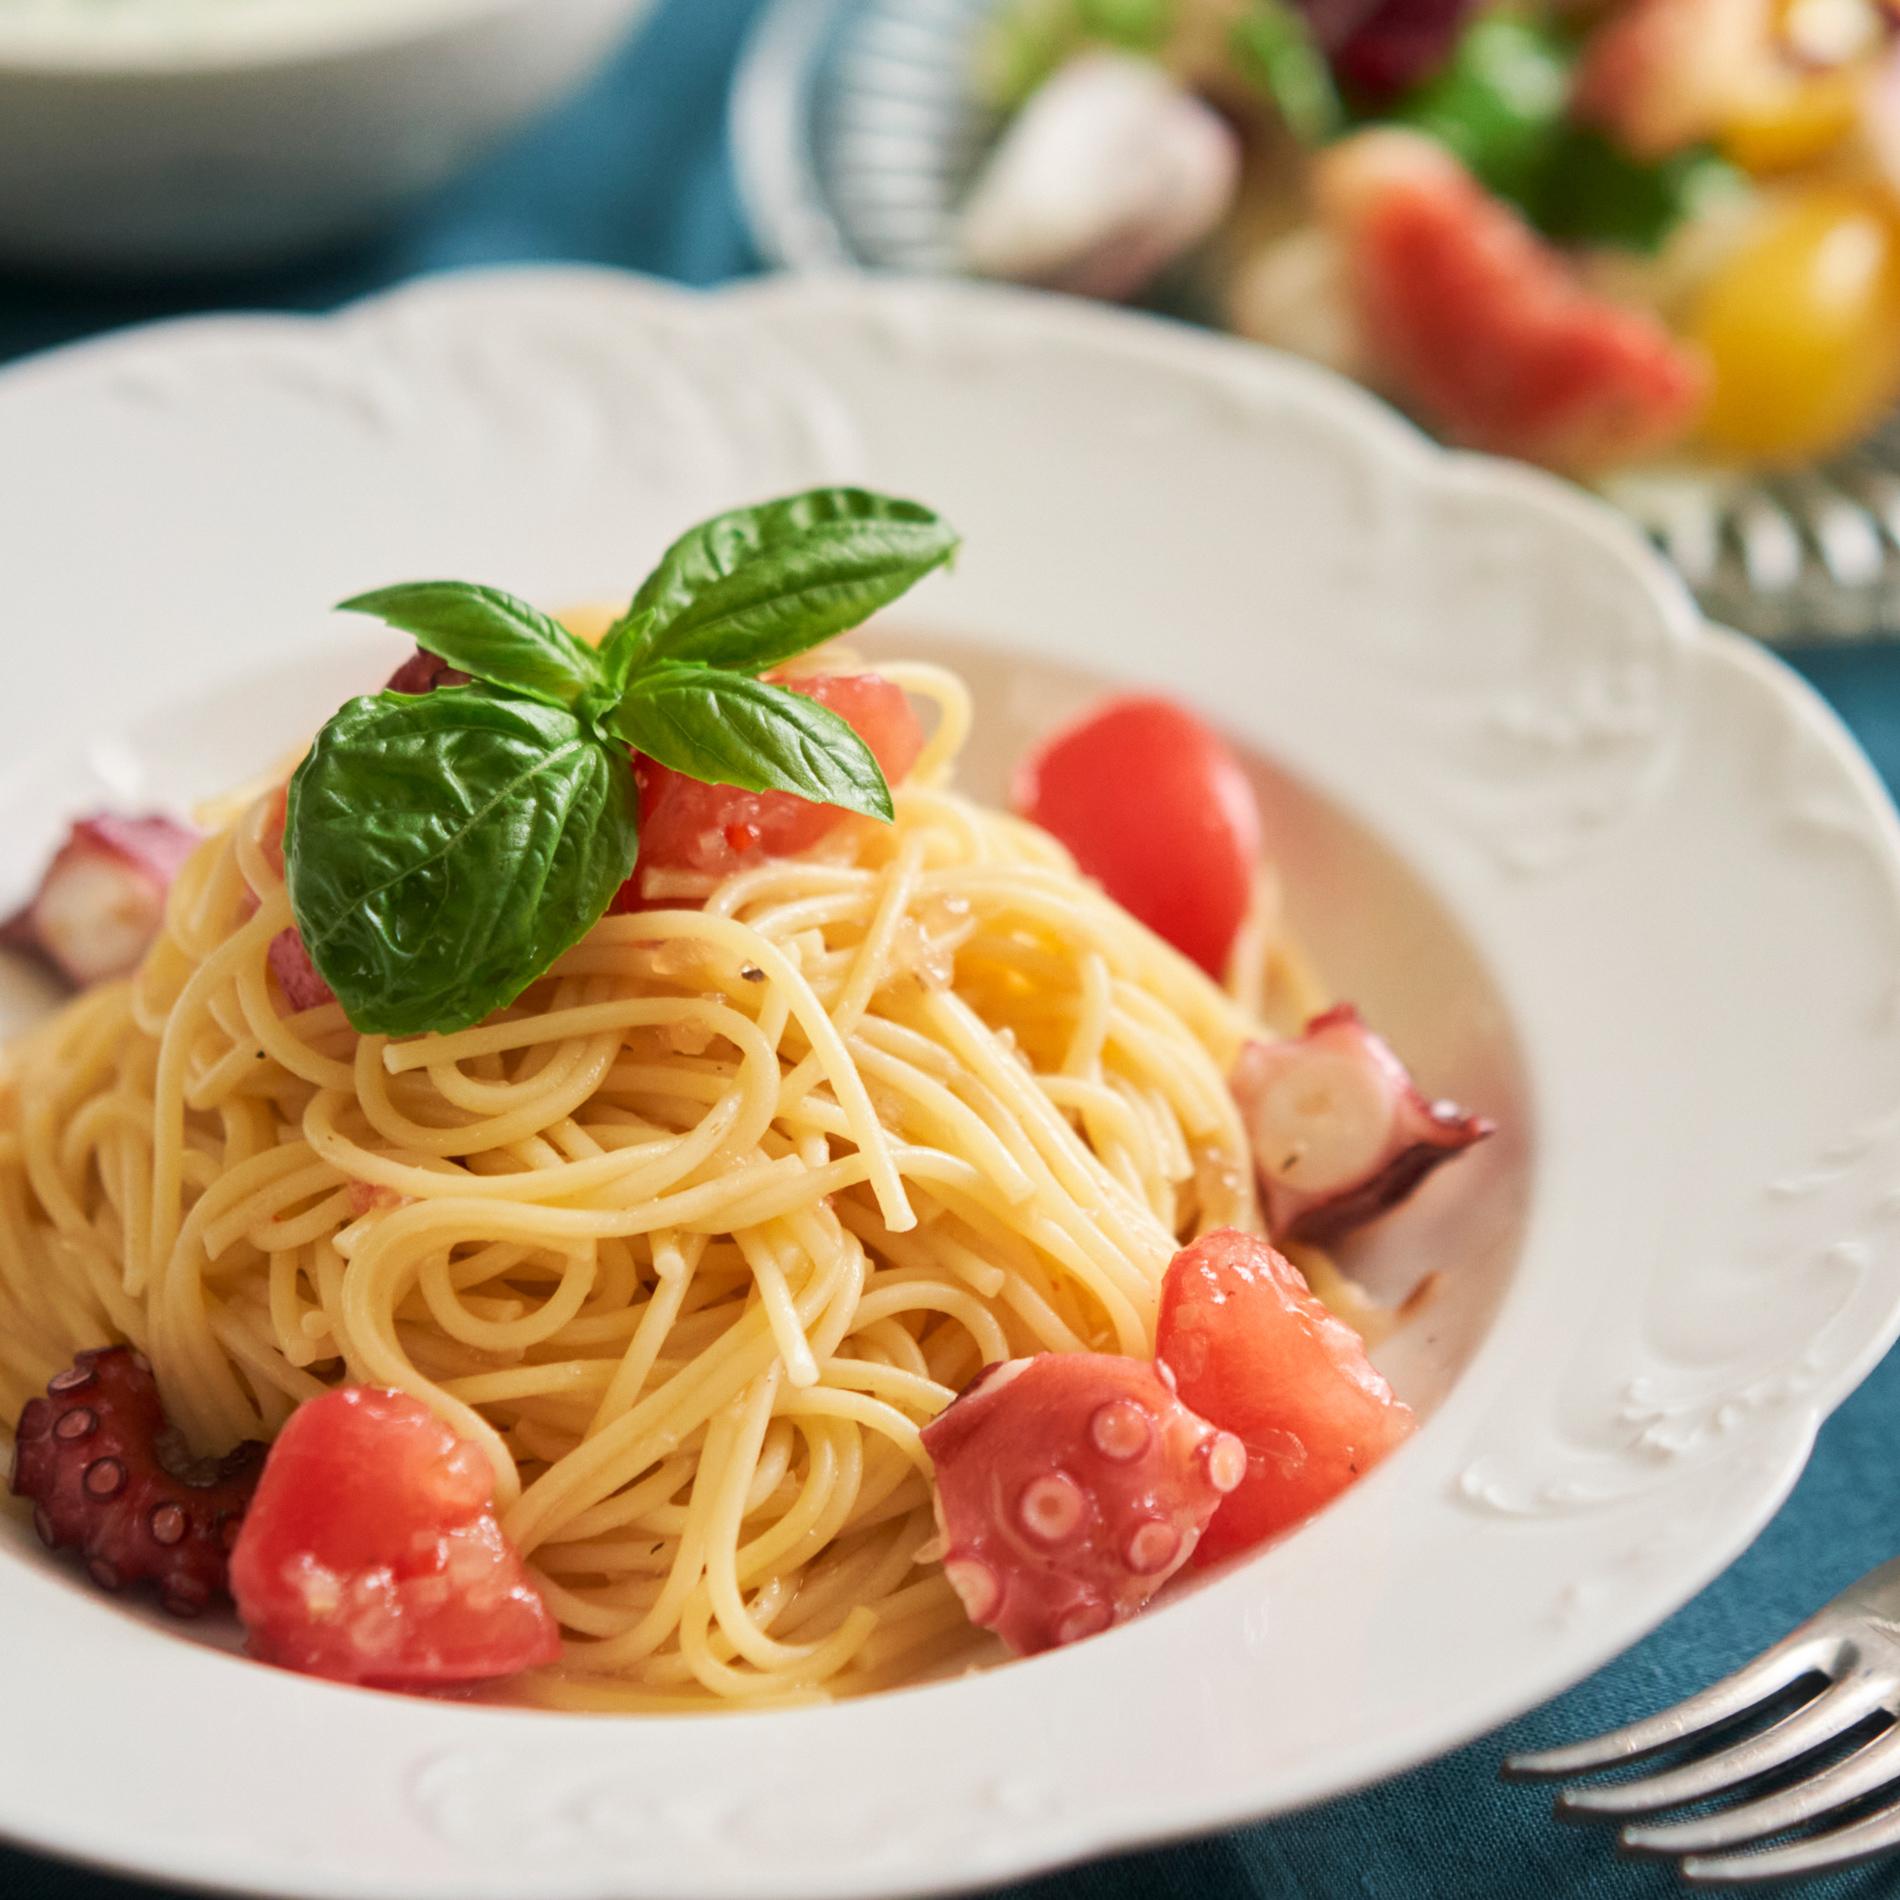 味付けはドレッシングで簡単♪トマトとタコの冷製パスタ